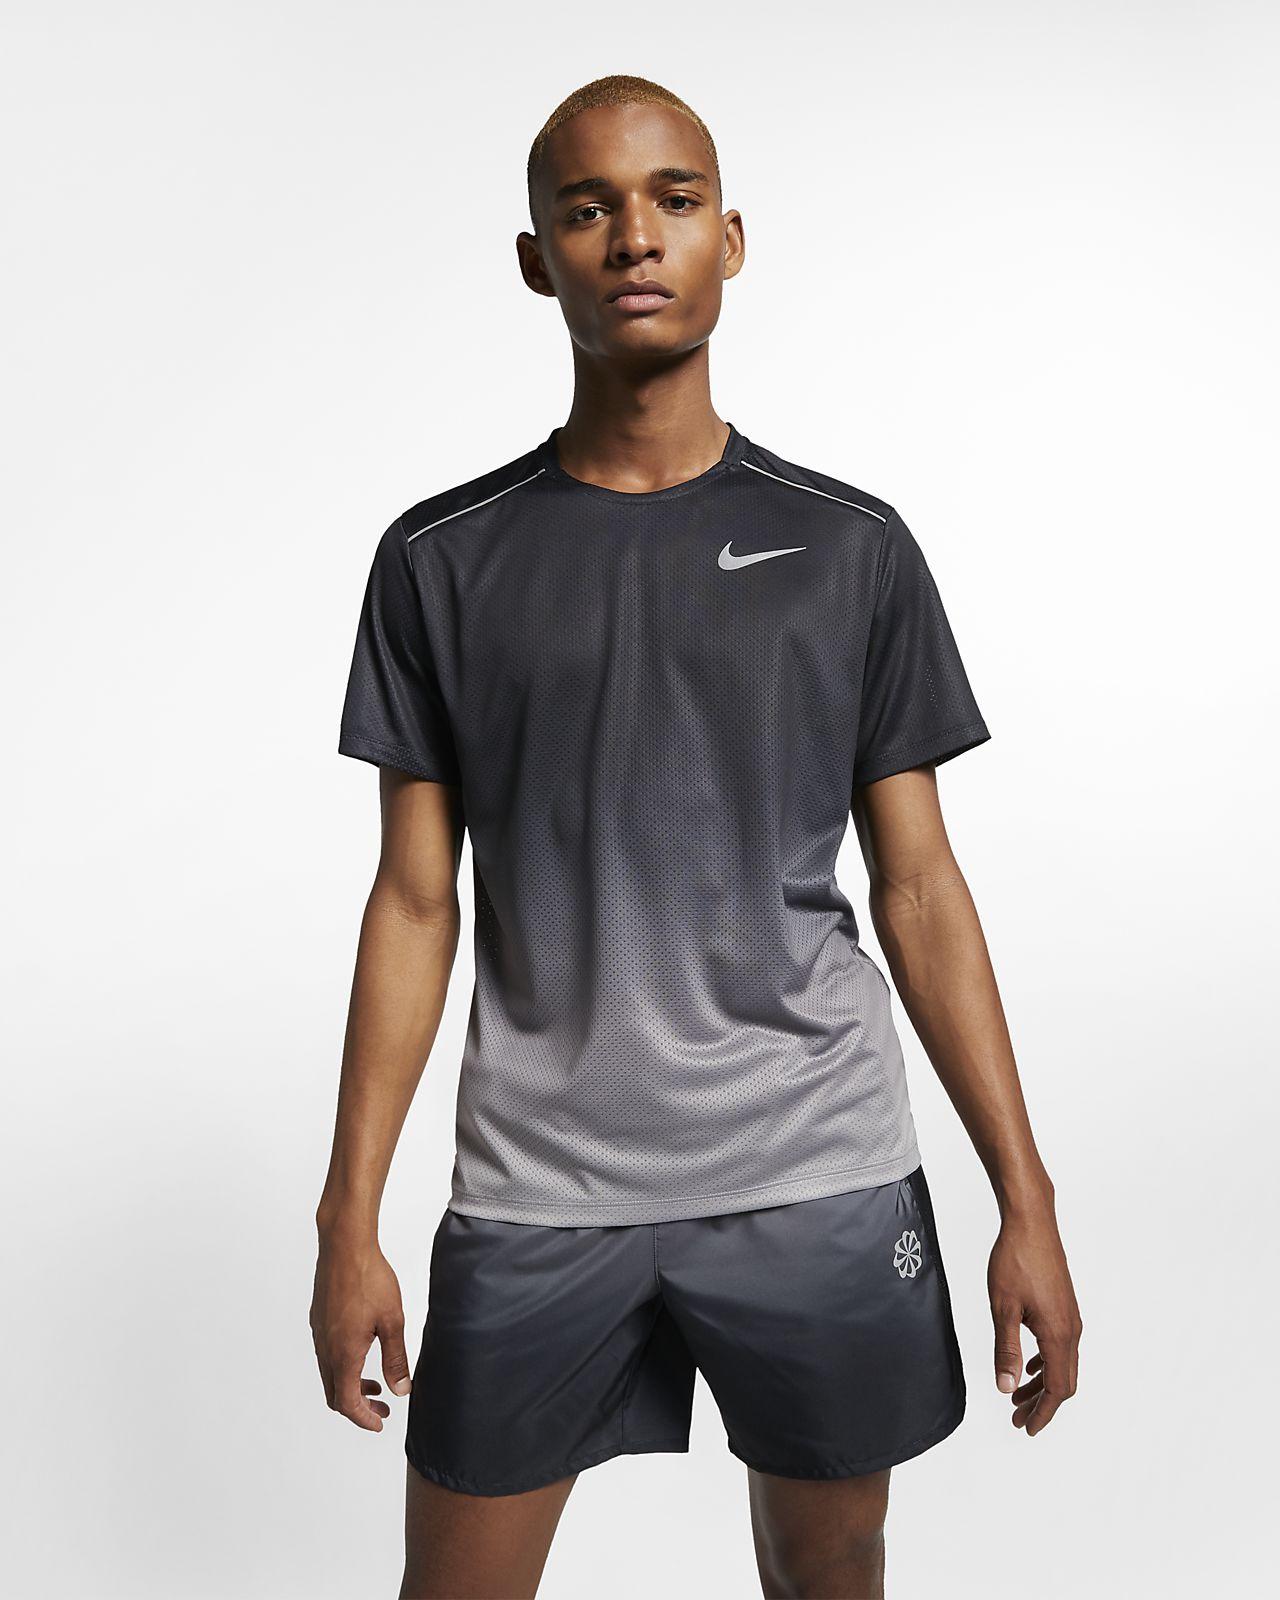 Nike Dri-FIT Miler mintás, rövid ujjú férfi futófelső